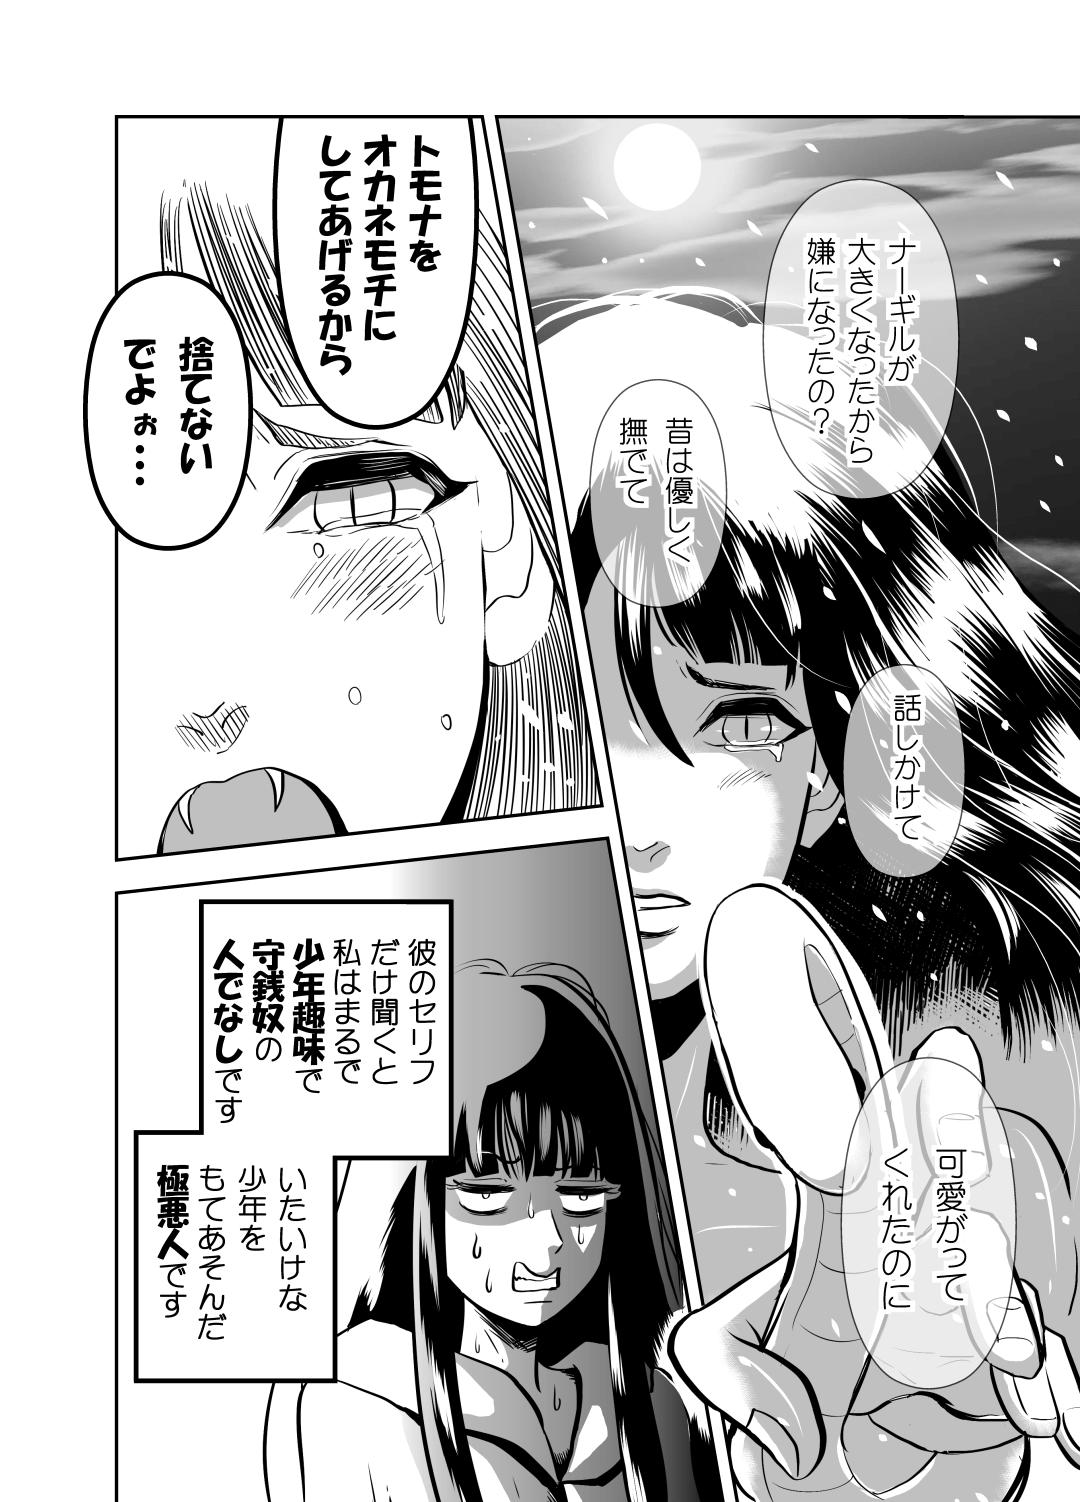 ヤサグレ魔女は人外にモテすぎて夜も眠れない0017-min